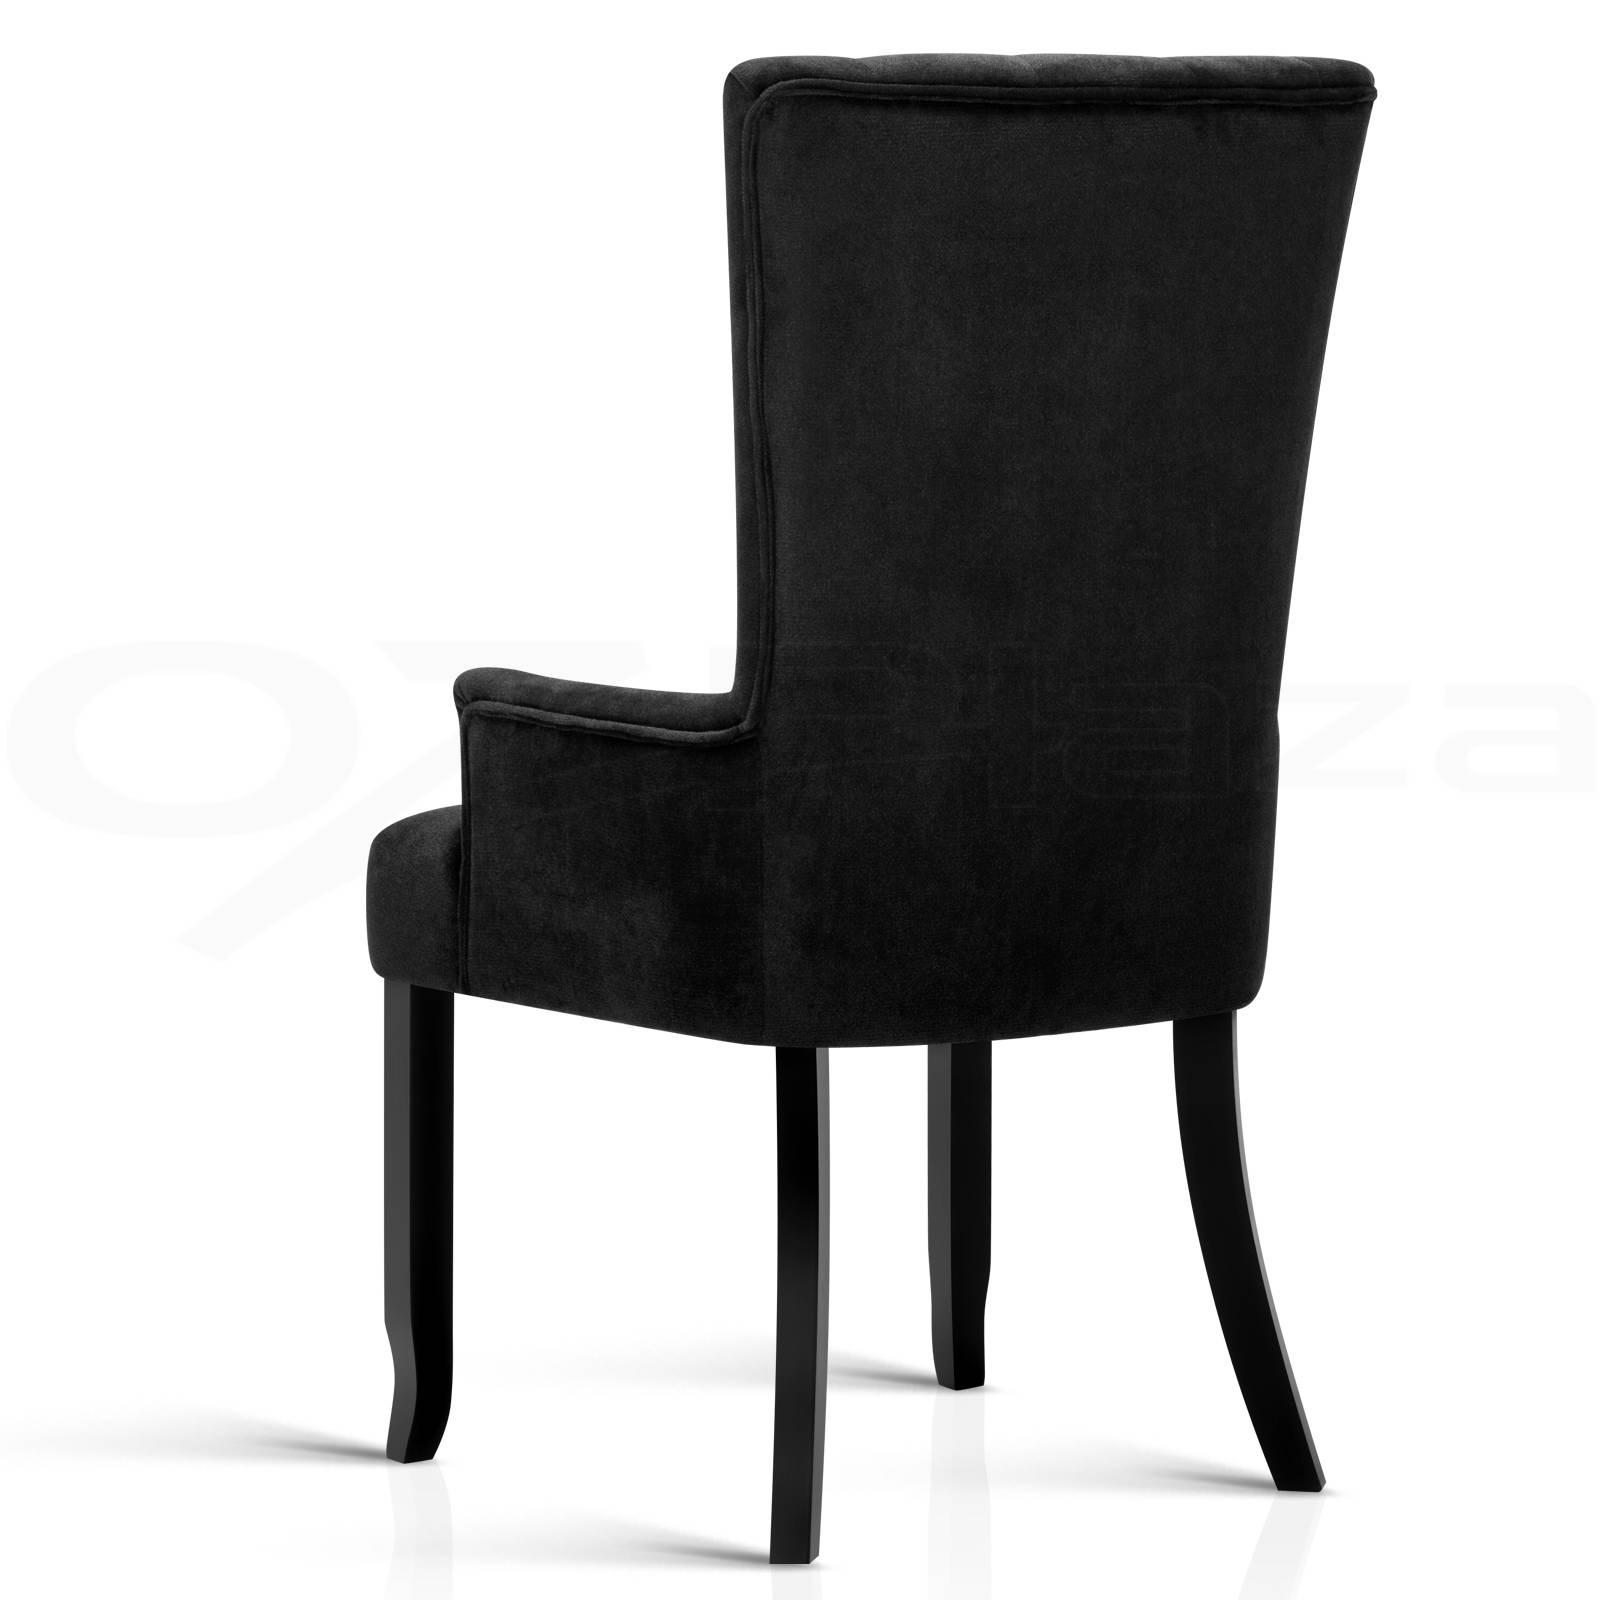 retro kitchen chairs black photo - 8